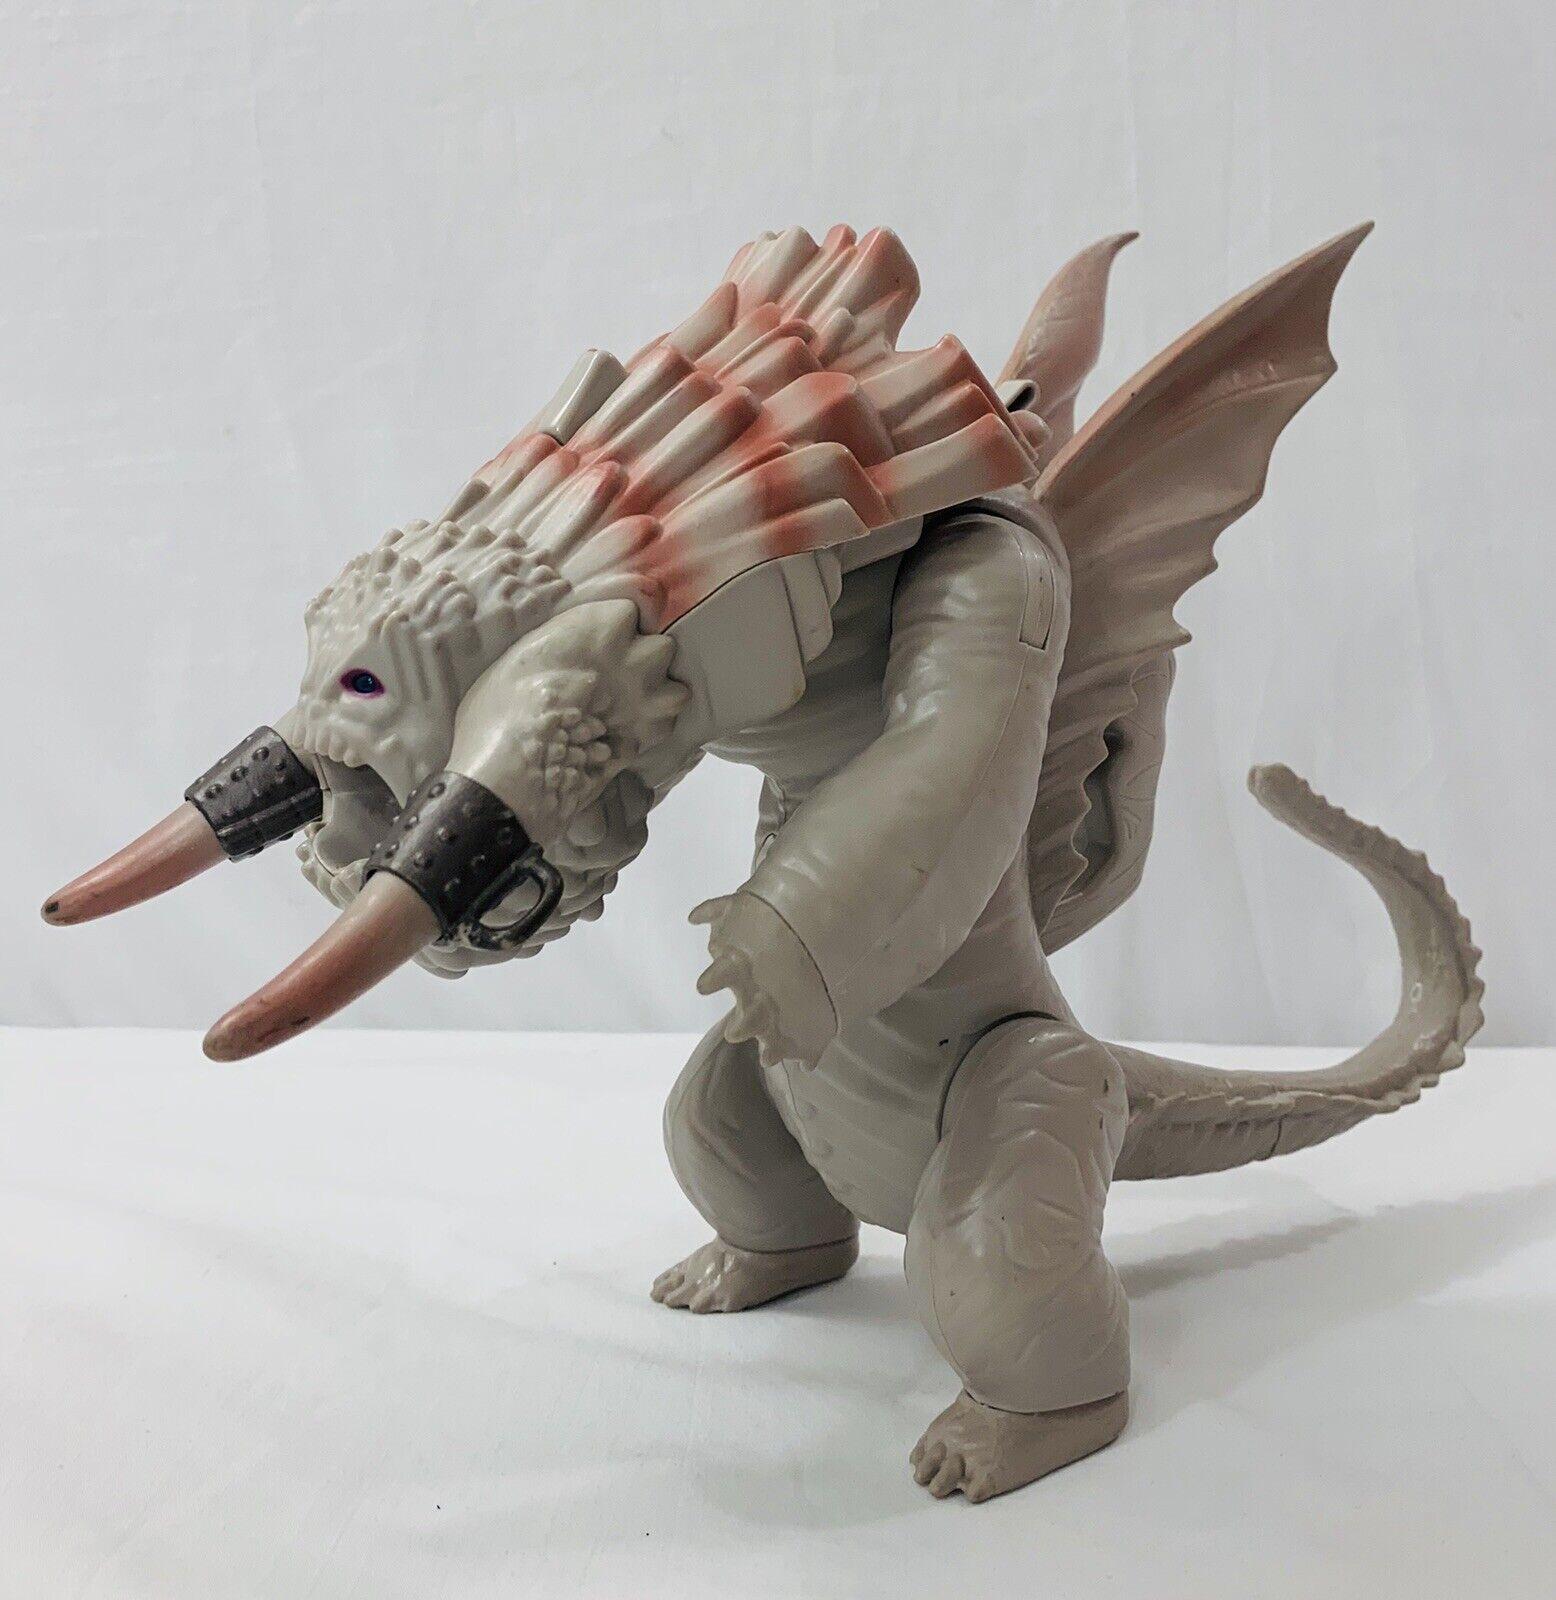 How to Train Your Dragon 2 bianca  Bewilderbeast 9  giocattoli R Us Exclusive 2014  liquidazione fino al 70%